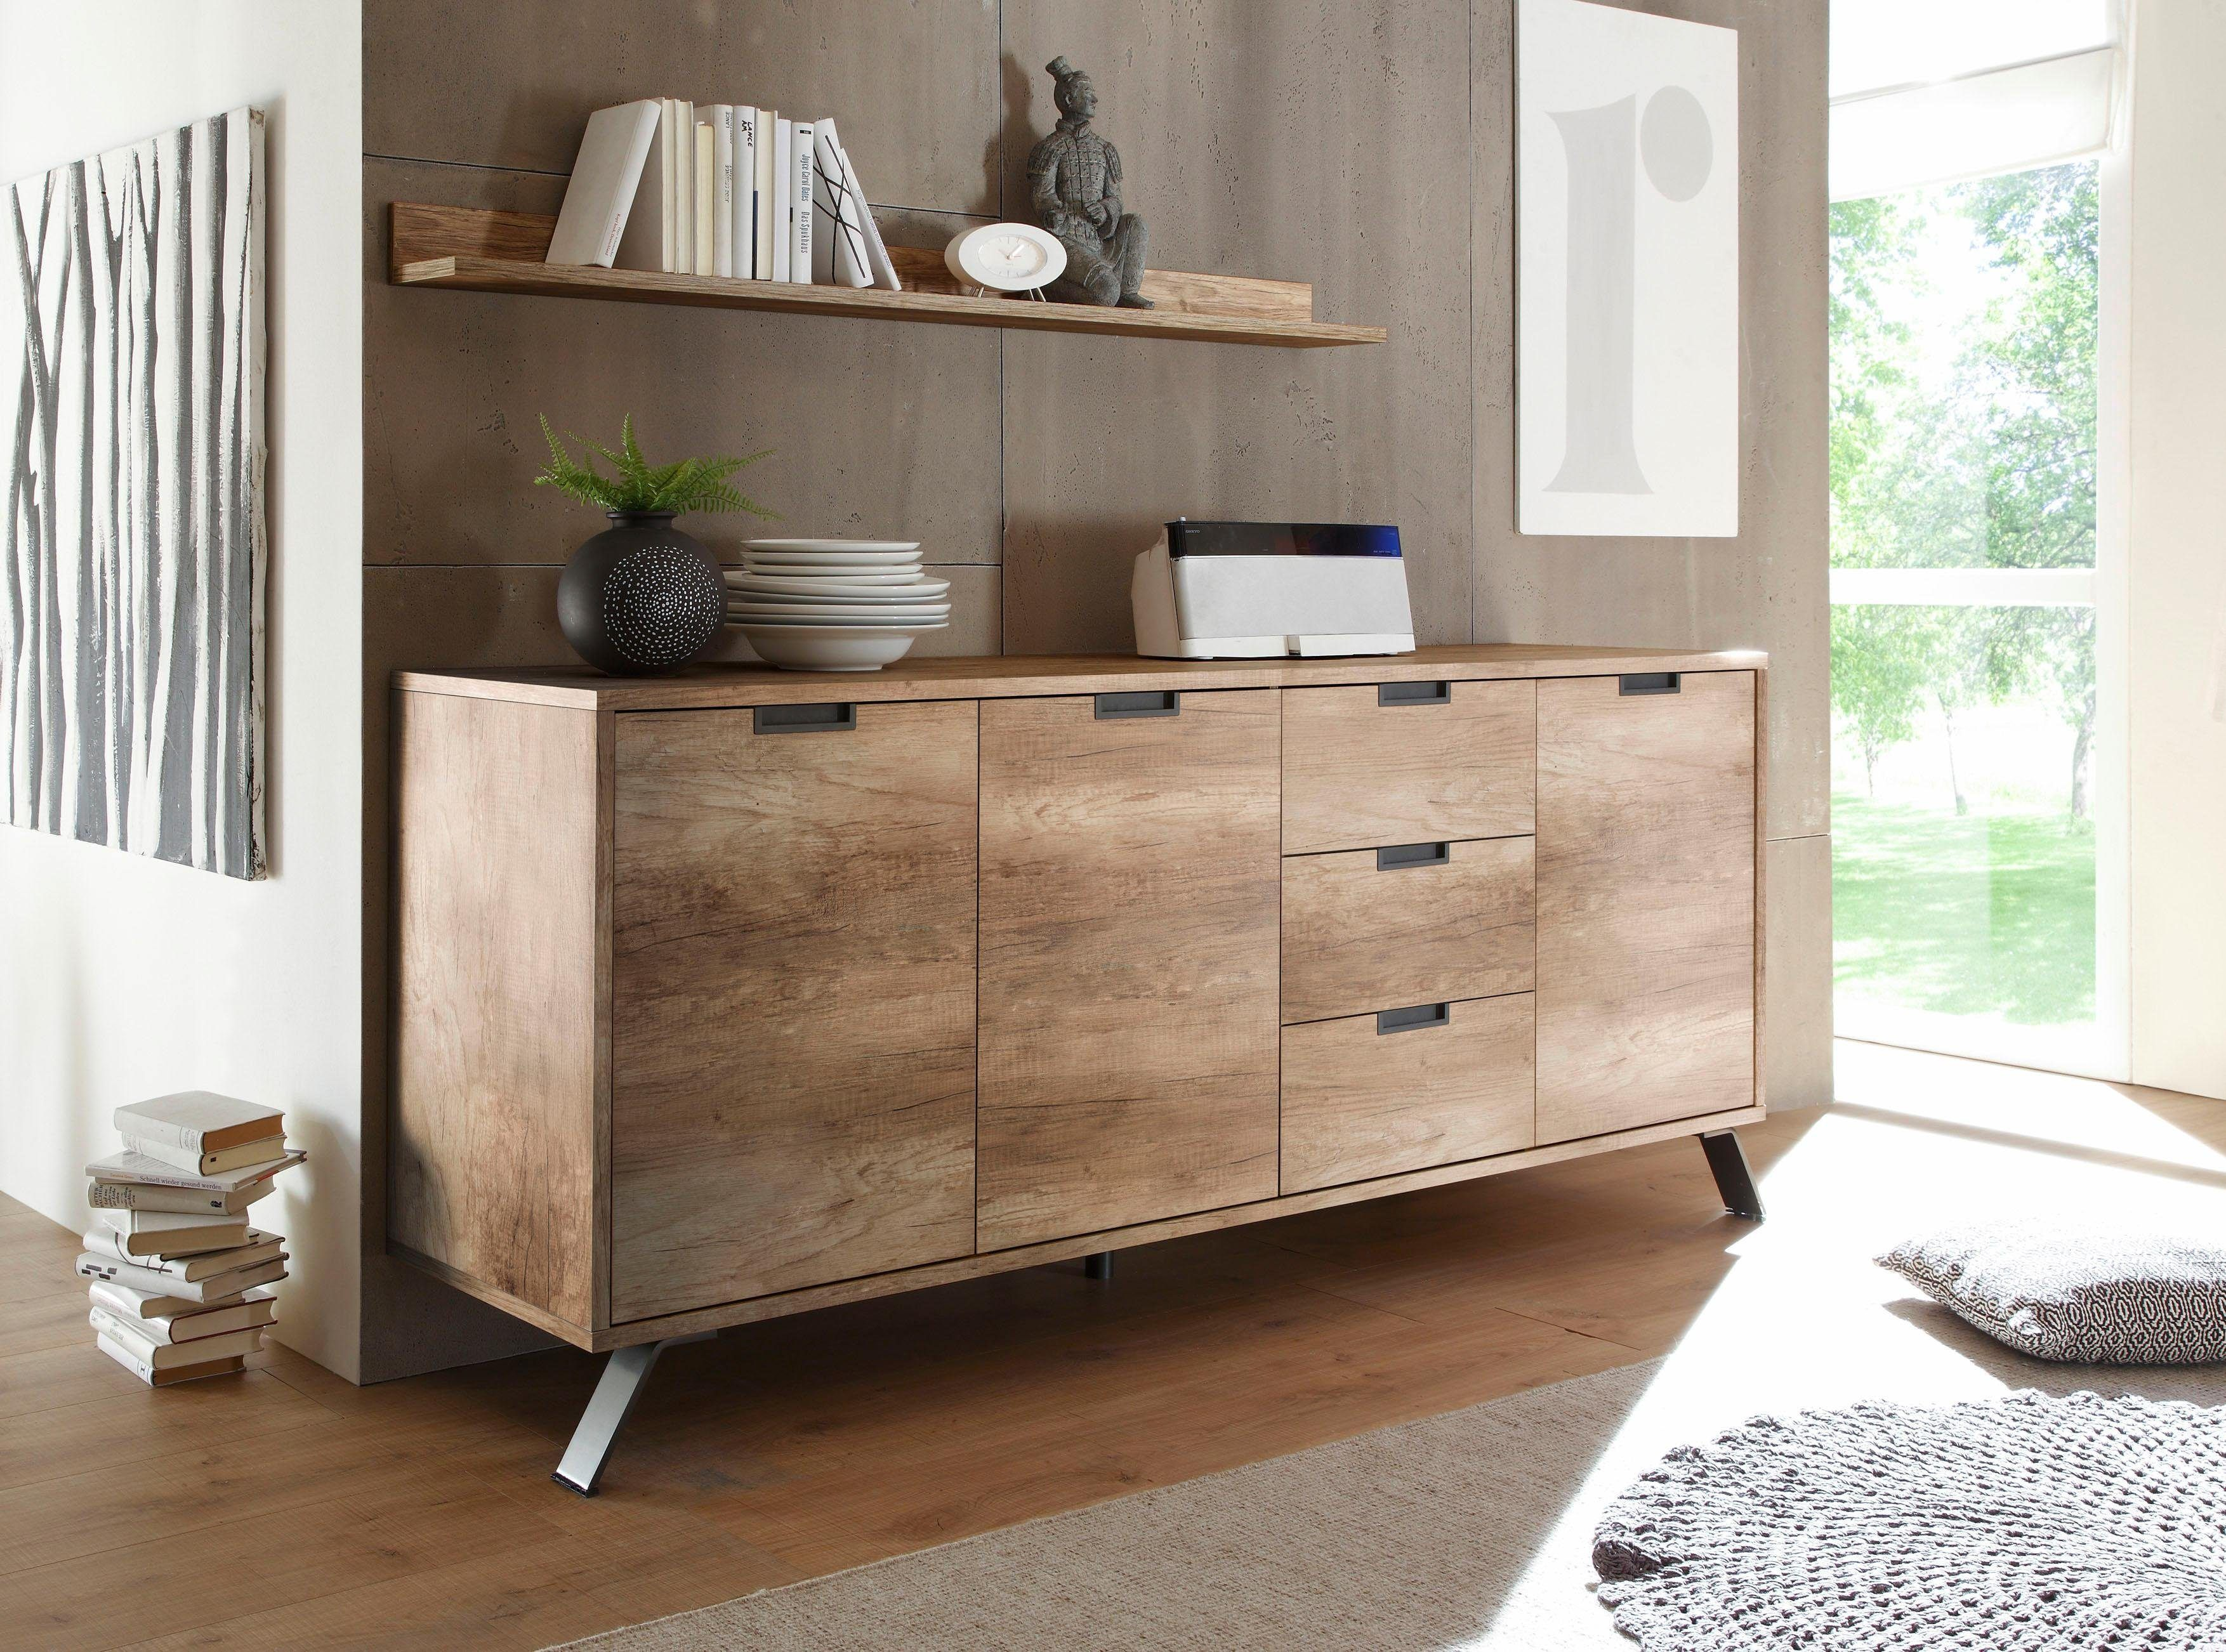 Sideboard Wohnzimmer ~ Lc sideboard beige palma« mit schubkästen fsc zertifiziert